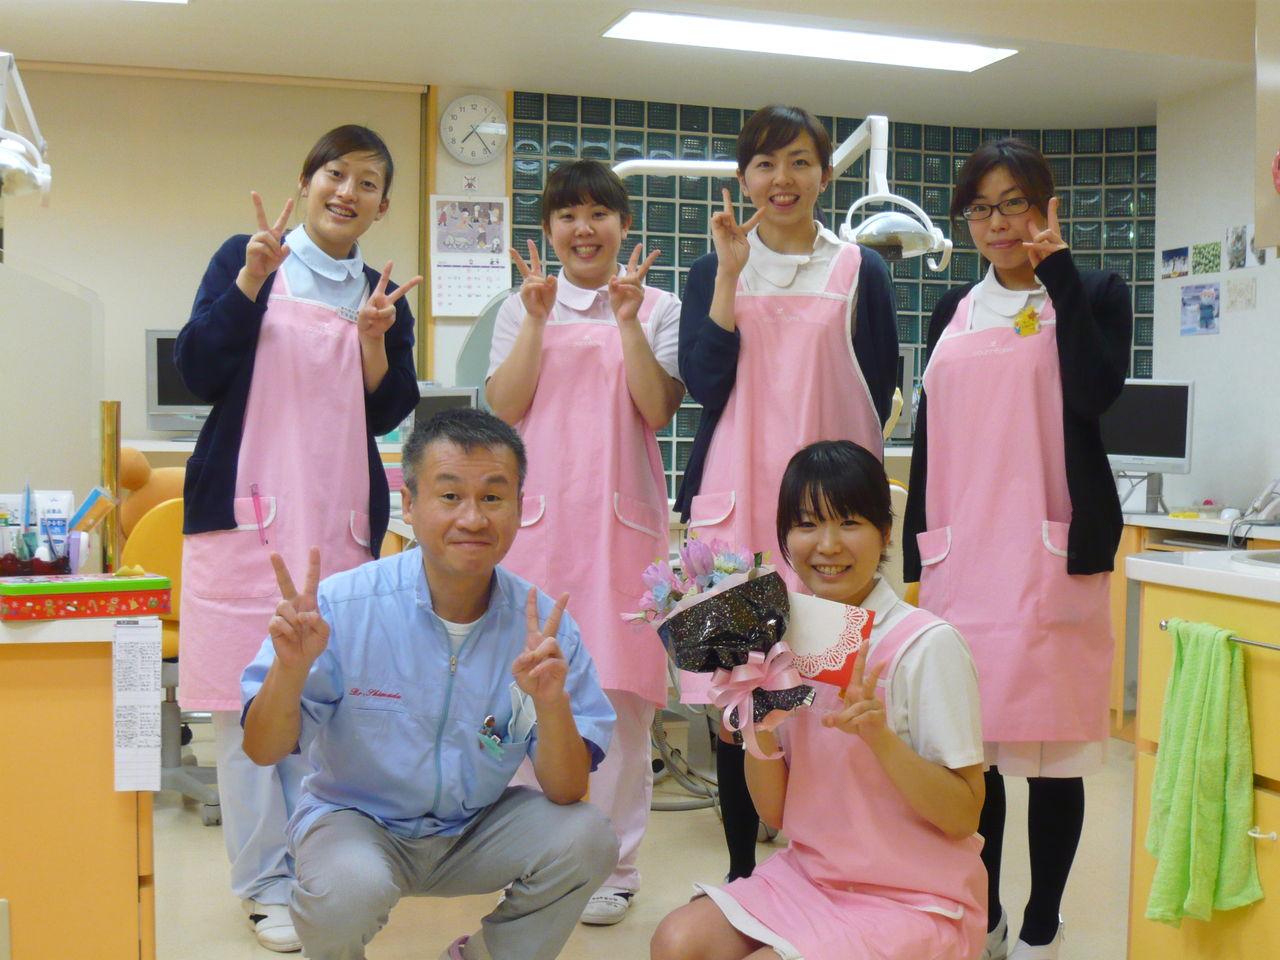 島田歯科 スタッフ誕生日